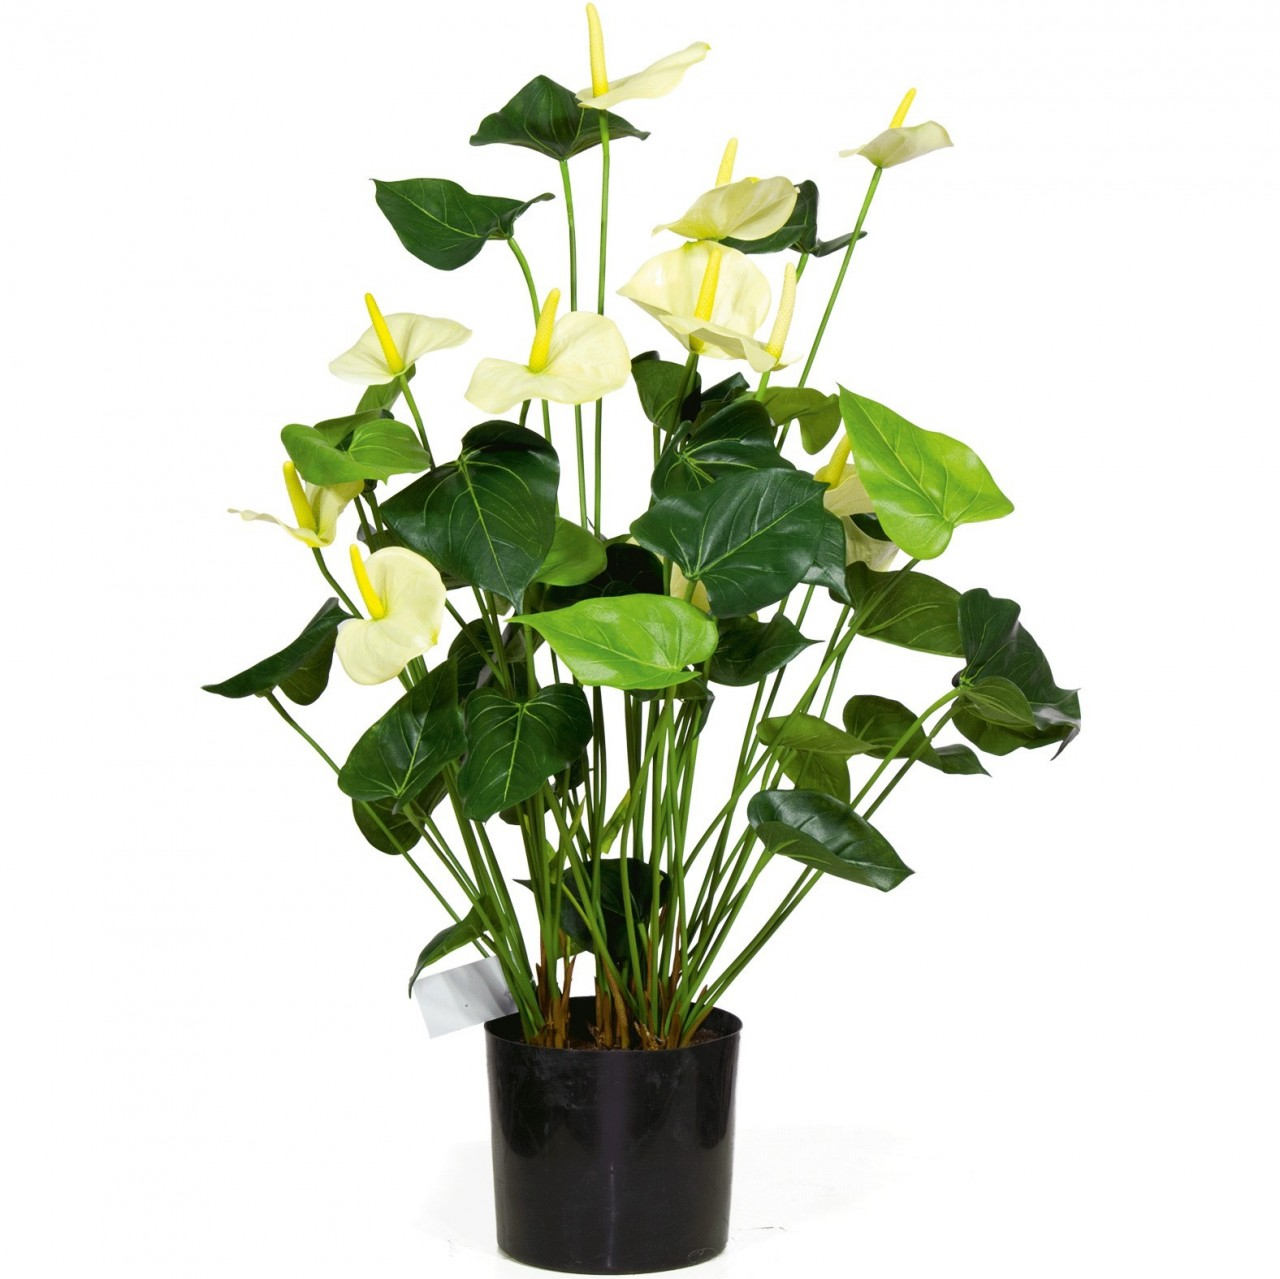 Anthurie / Anthurium - Kunstpflanze